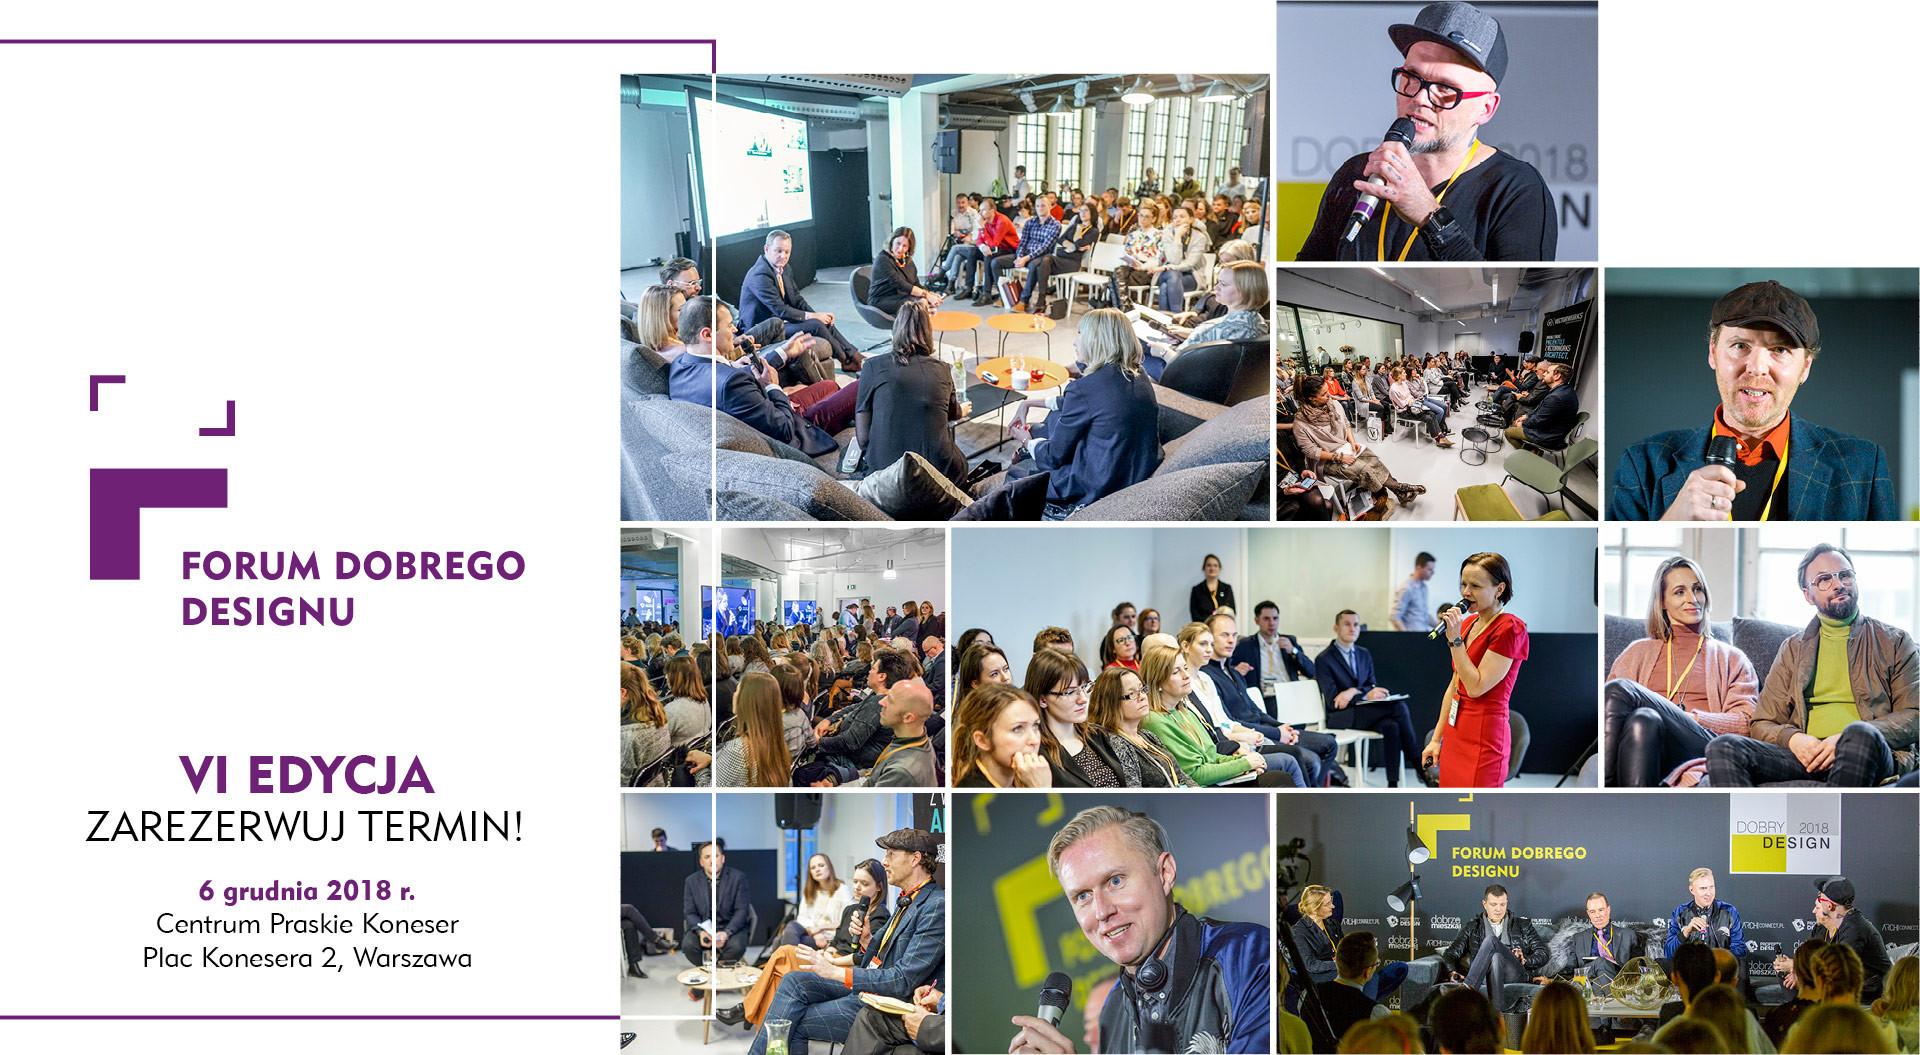 VI Forum Dobrego Desgnu odbędzie się w Warszawie 6 grudnia 2018 roku.